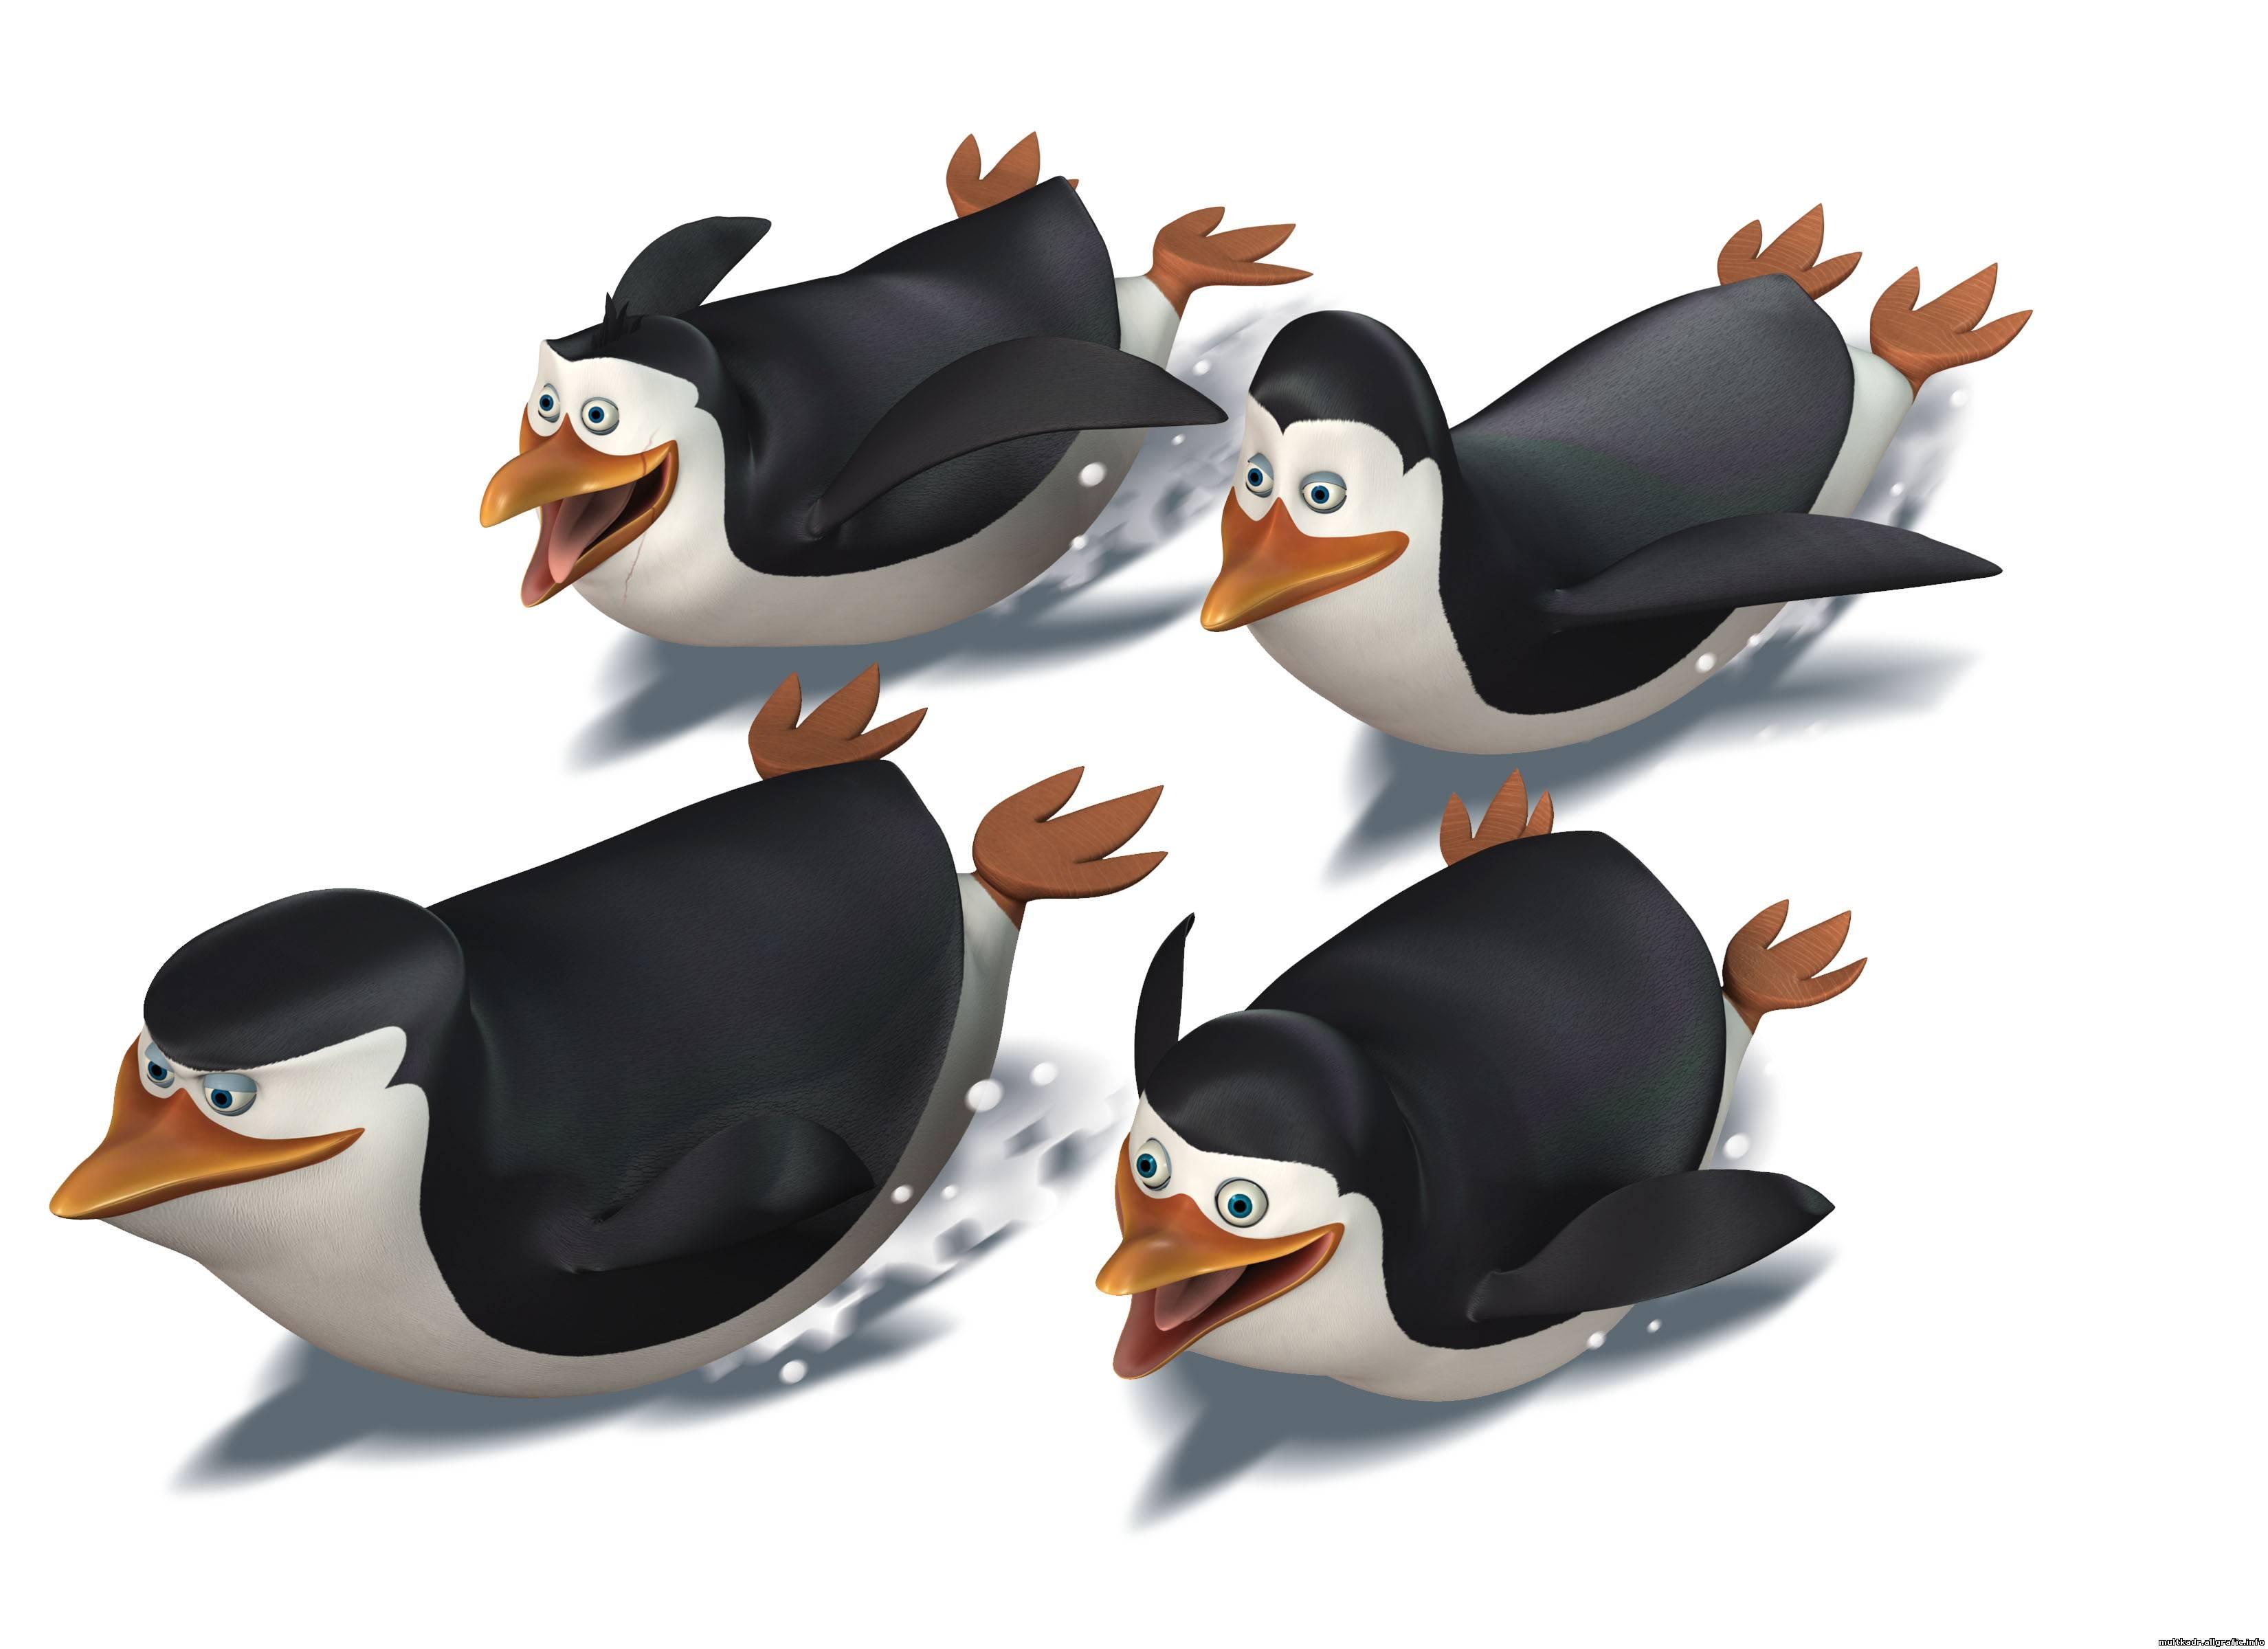 пингвины из Мадагаскара, скачать фото, обои на рабочий стол